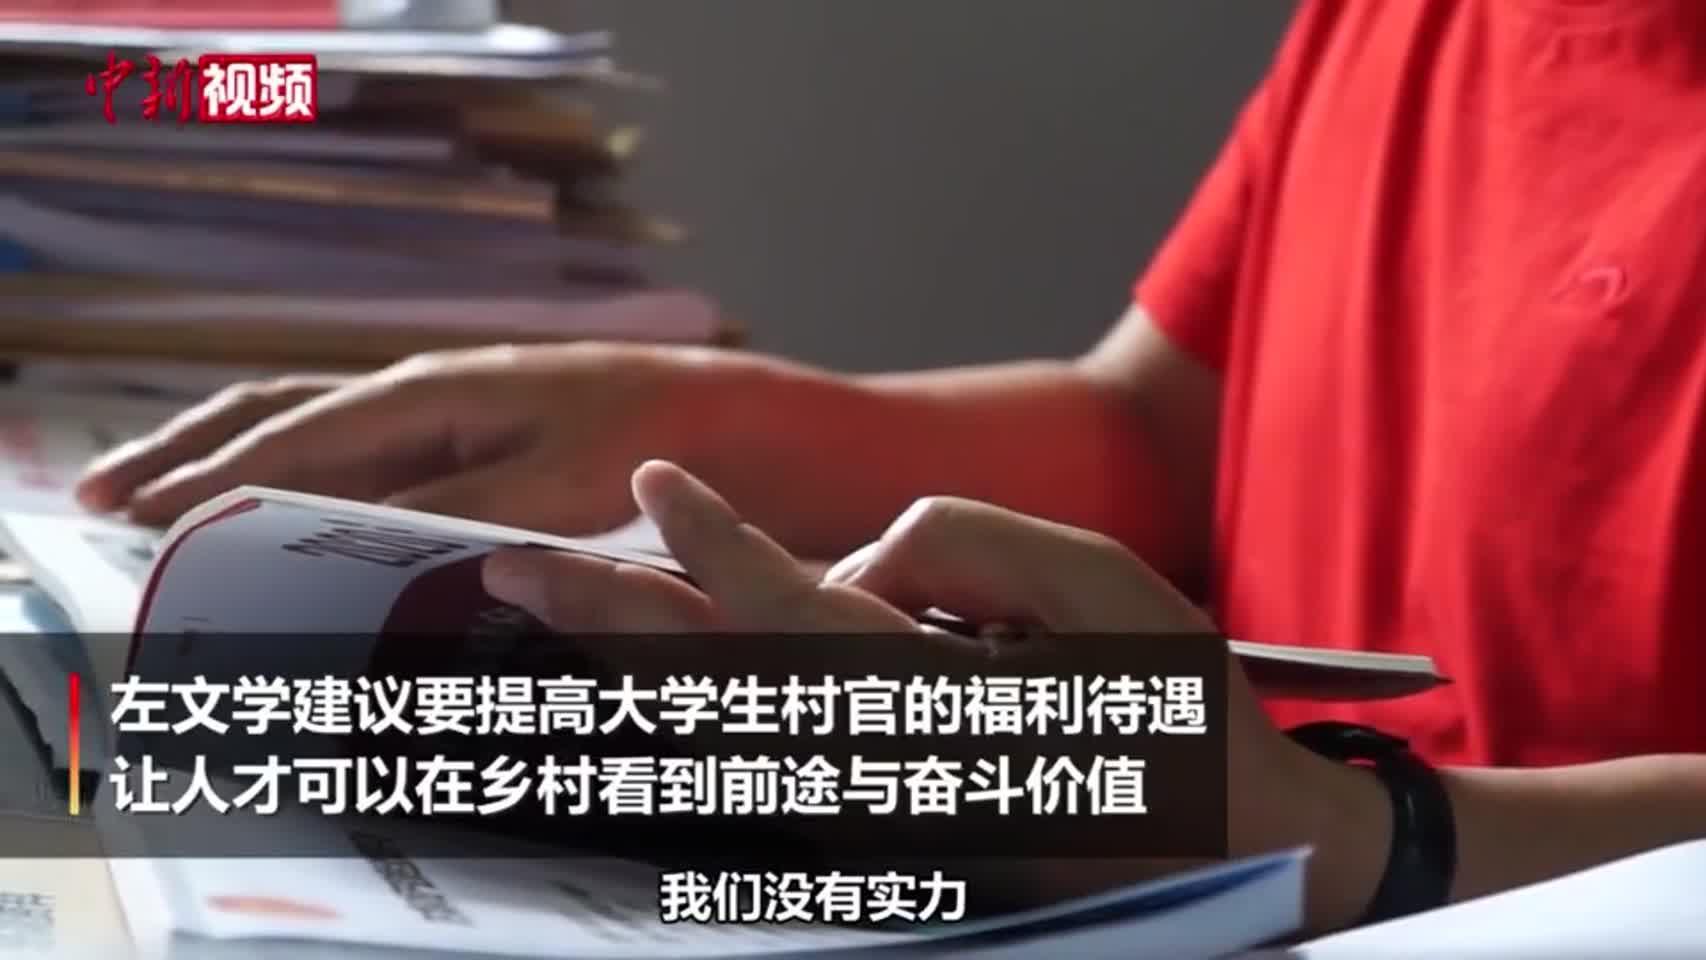 【两会声音】全国人大代表左文学:提高大学生村官福利待遇